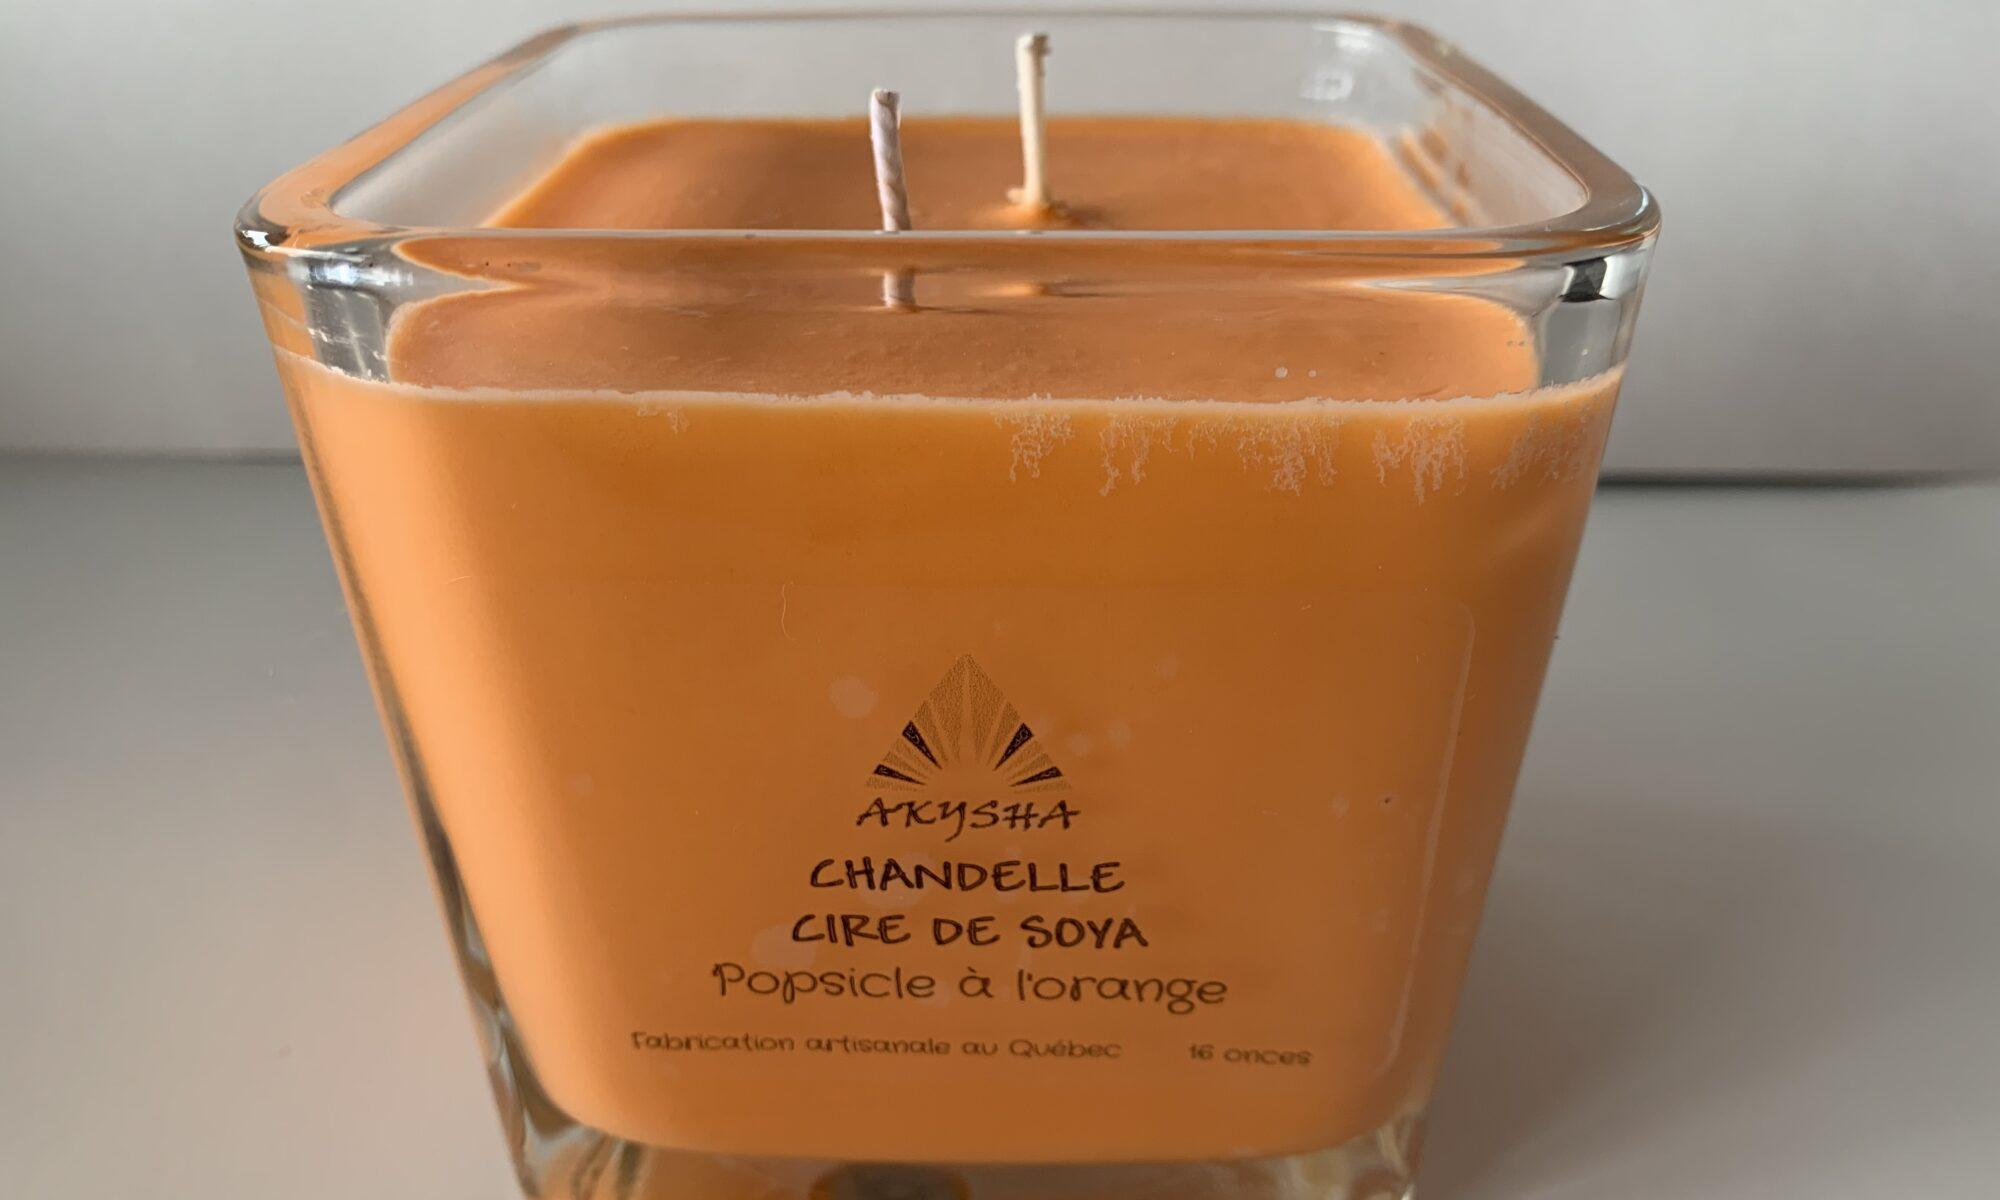 Chandelle de cire de soya au popsicle à l'orange